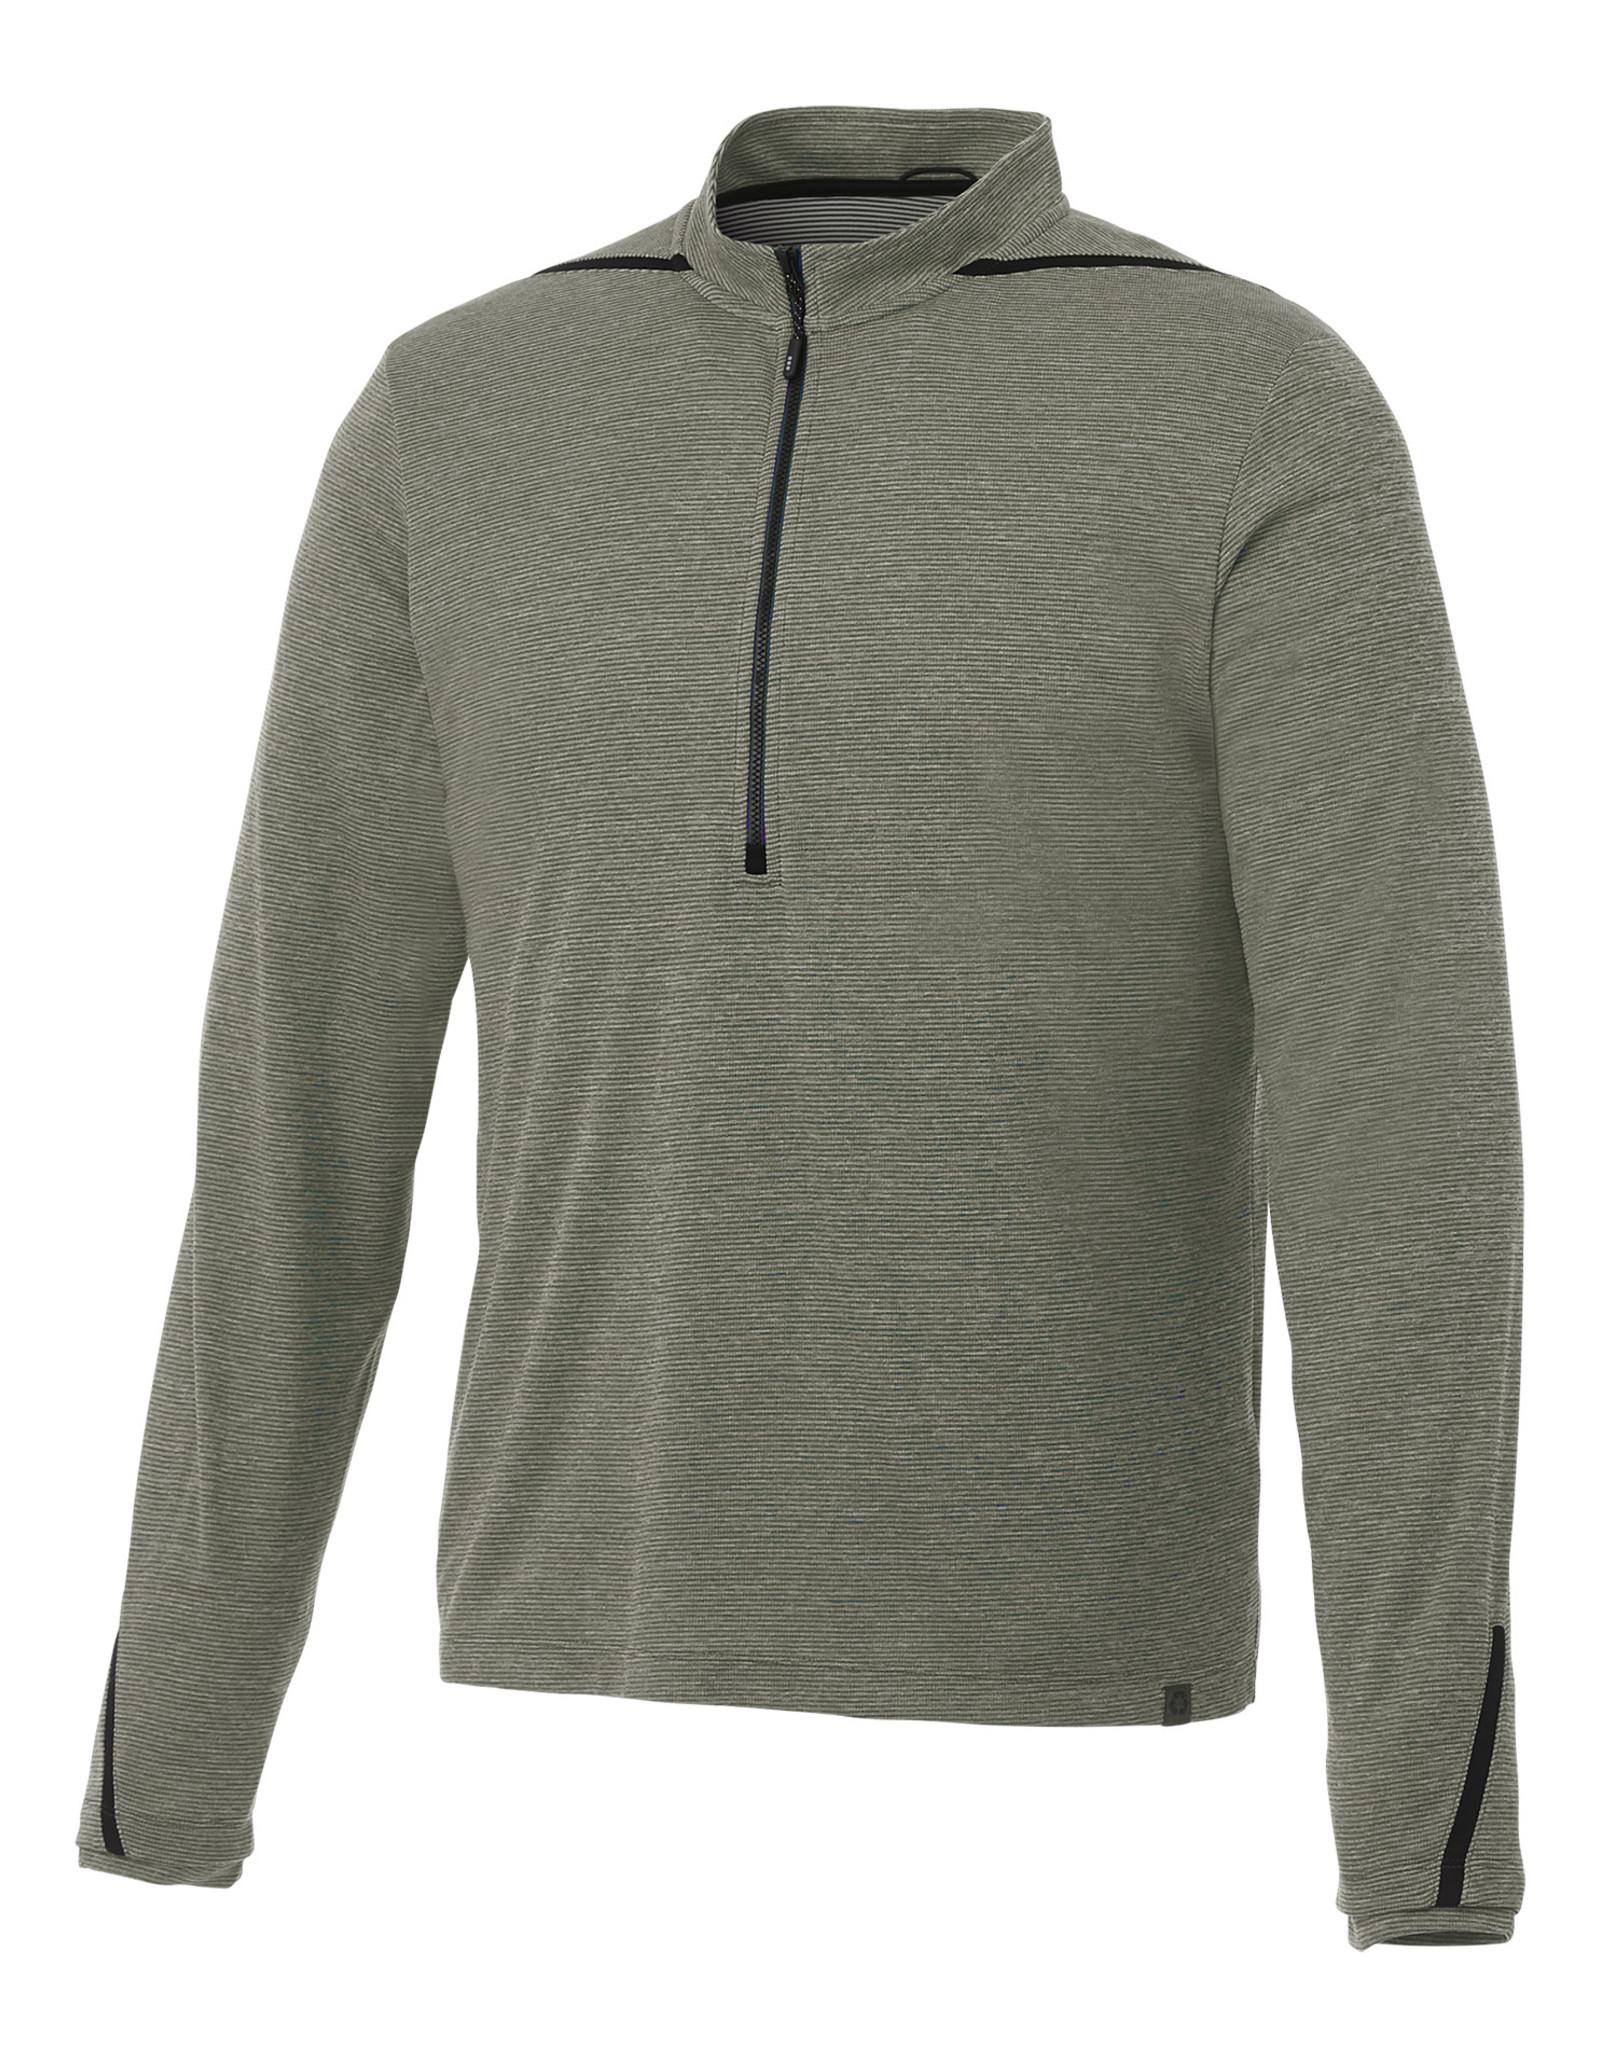 Men's Eco Knit 1/2 Zip